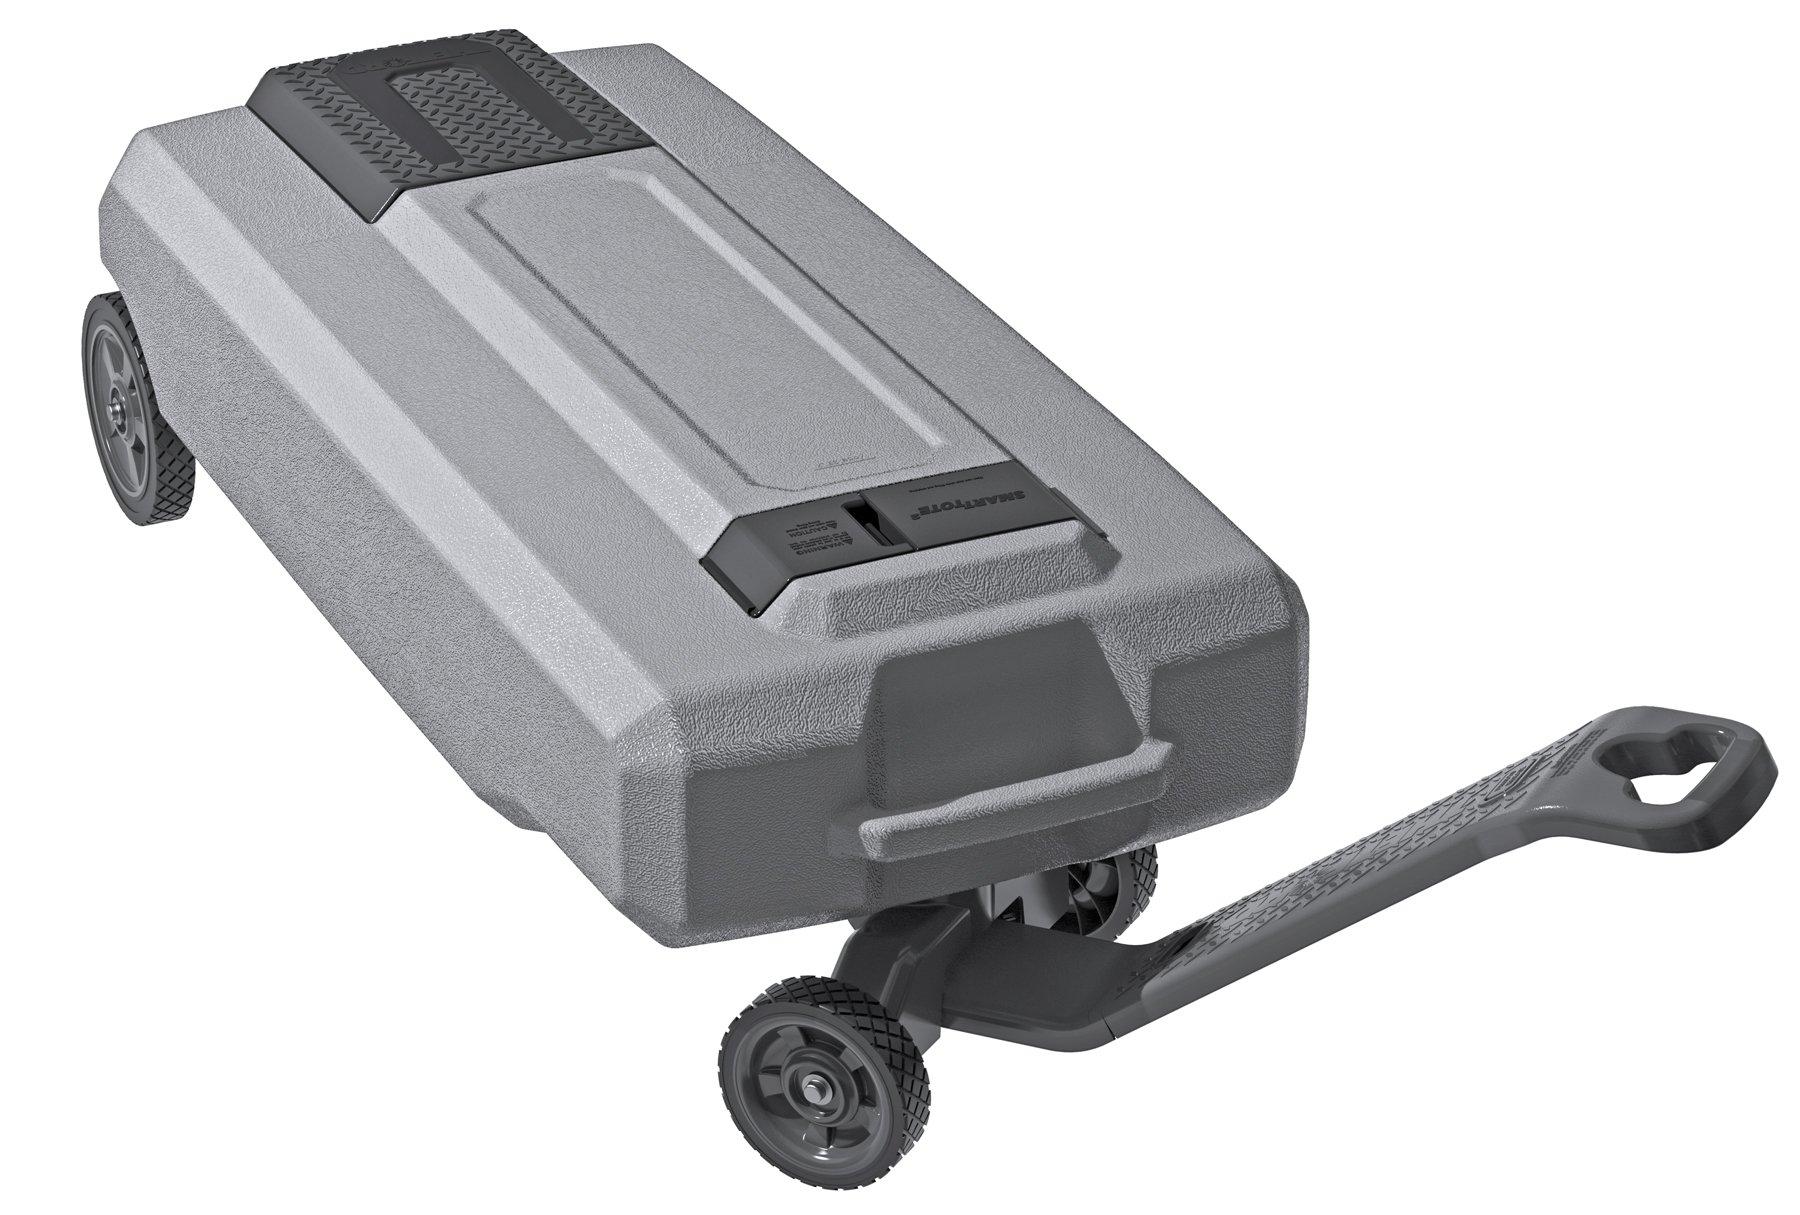 SmartTote2 RV Portable Waste Tote Tank - 4 Wheels - 35 Gallon - Thetford 40519